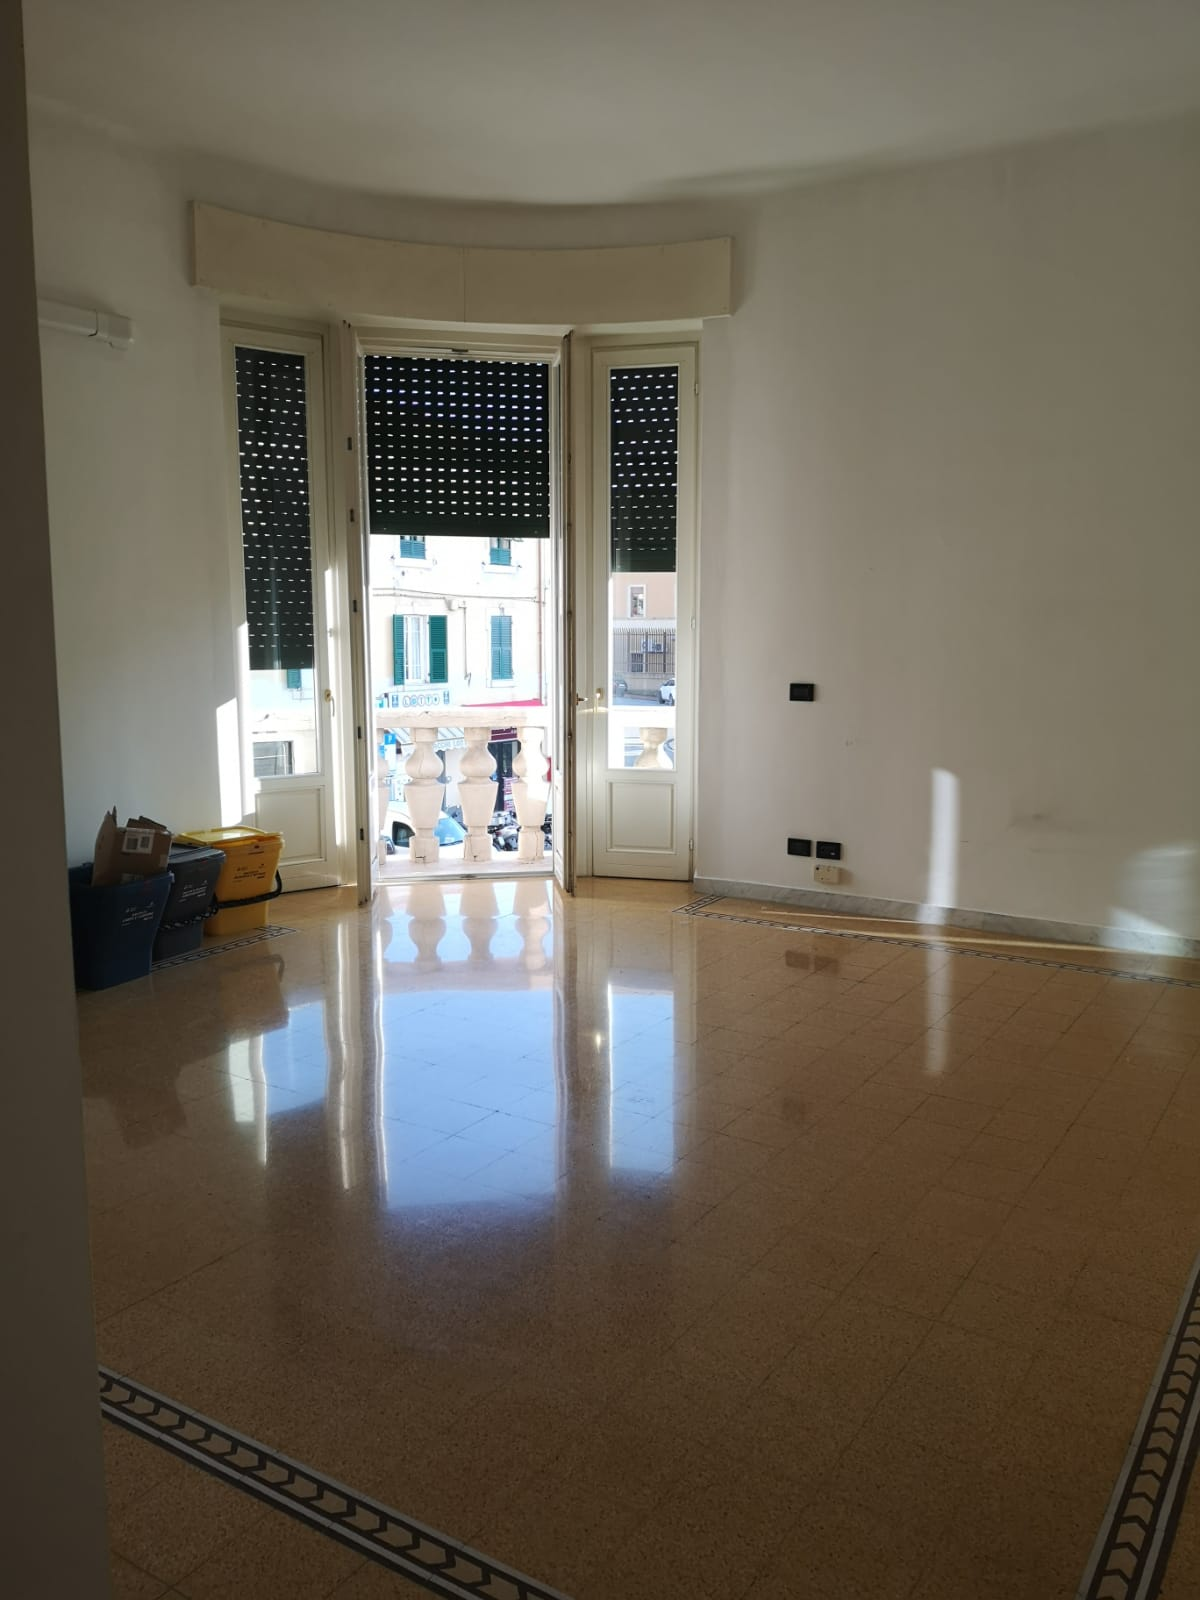 Appartamento in affitto a Imperia, 4 locali, zona Località: via XXV Aprile, prezzo € 550 | PortaleAgenzieImmobiliari.it